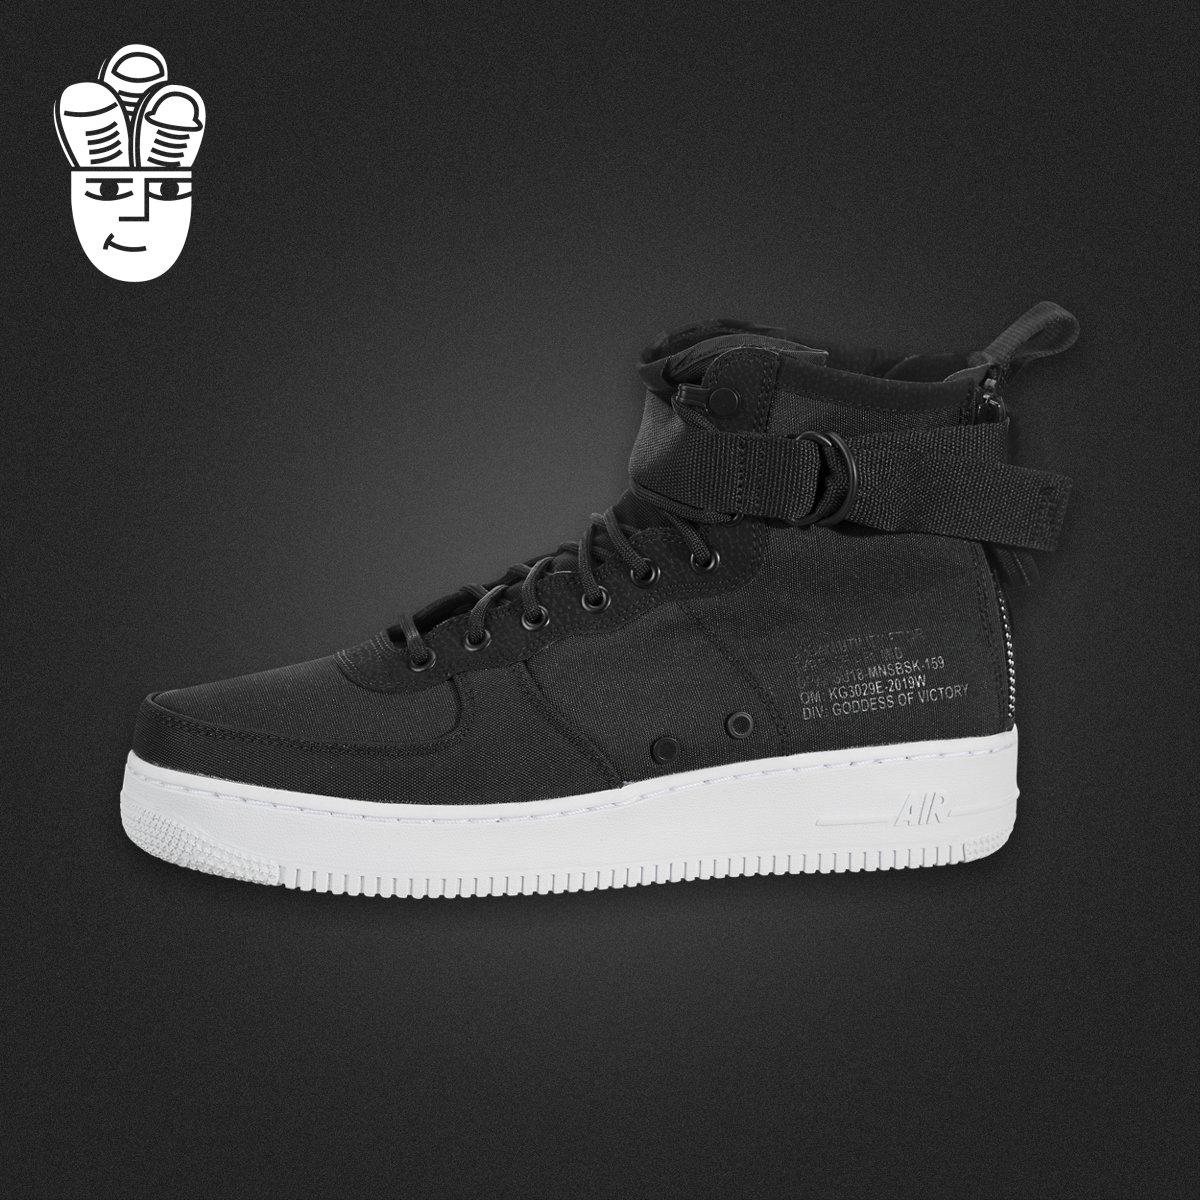 Nike SF Air Force 1 Mid 耐克男鞋 AF1空军一号 中帮休闲板鞋